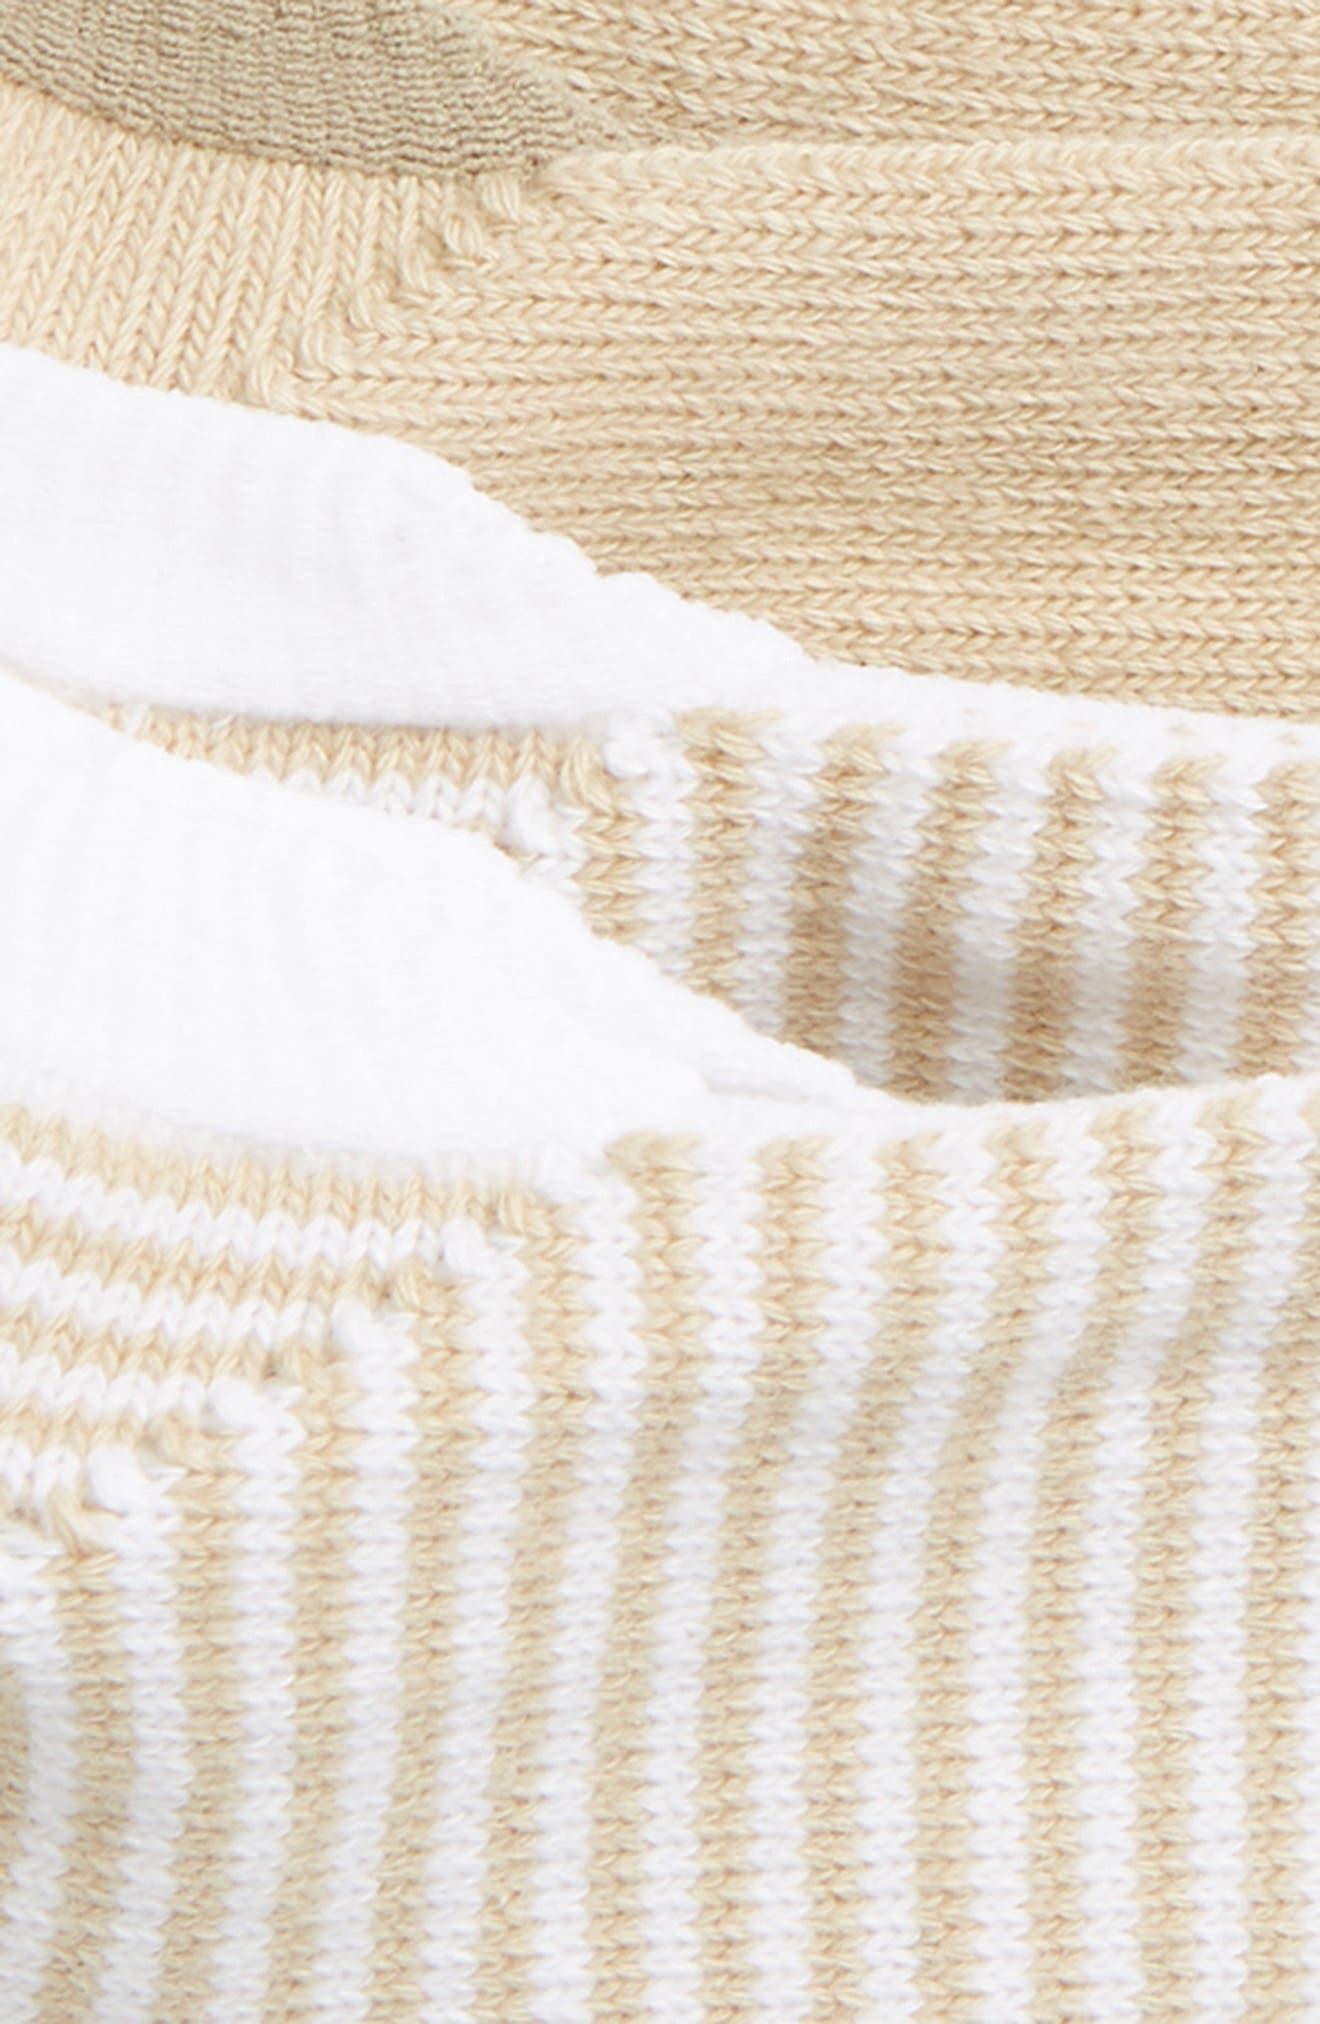 2-Pack Liner Socks,                             Alternate thumbnail 2, color,                             Tan Nomad/ White